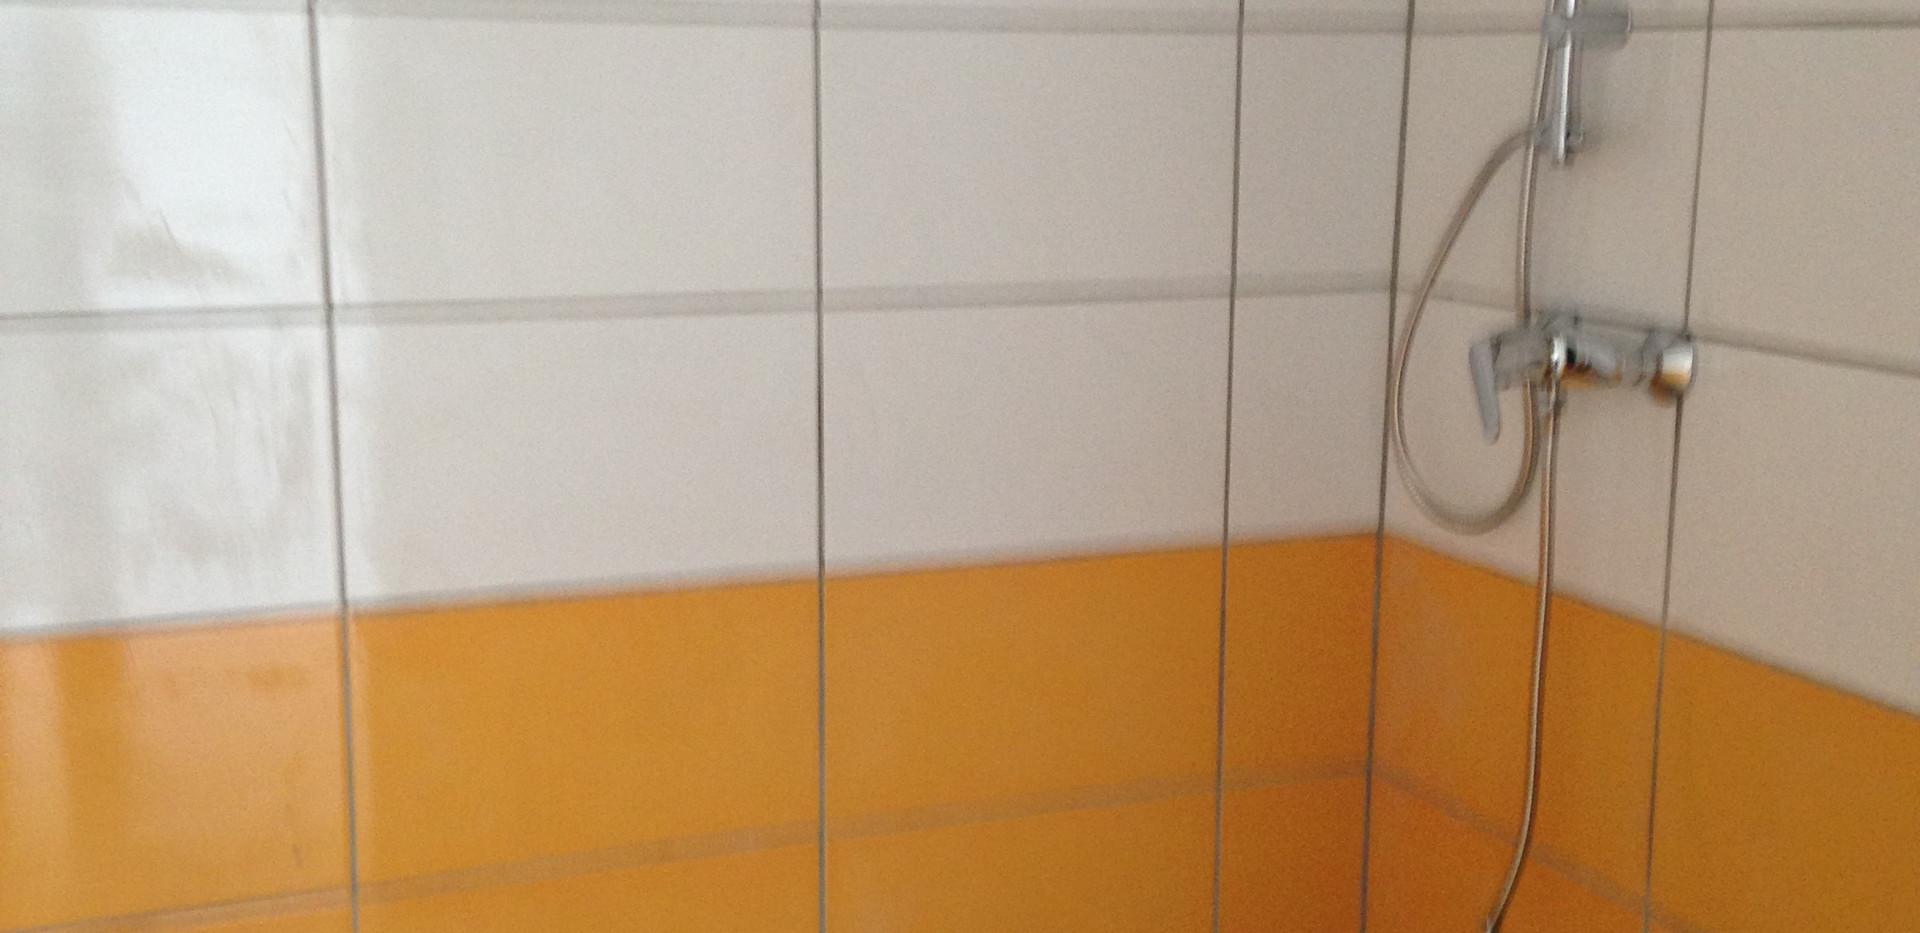 Travaux aménagement intérieur et extérieur 9 ESO BTP - Travaux de construction et rénovation - Guadeloupe